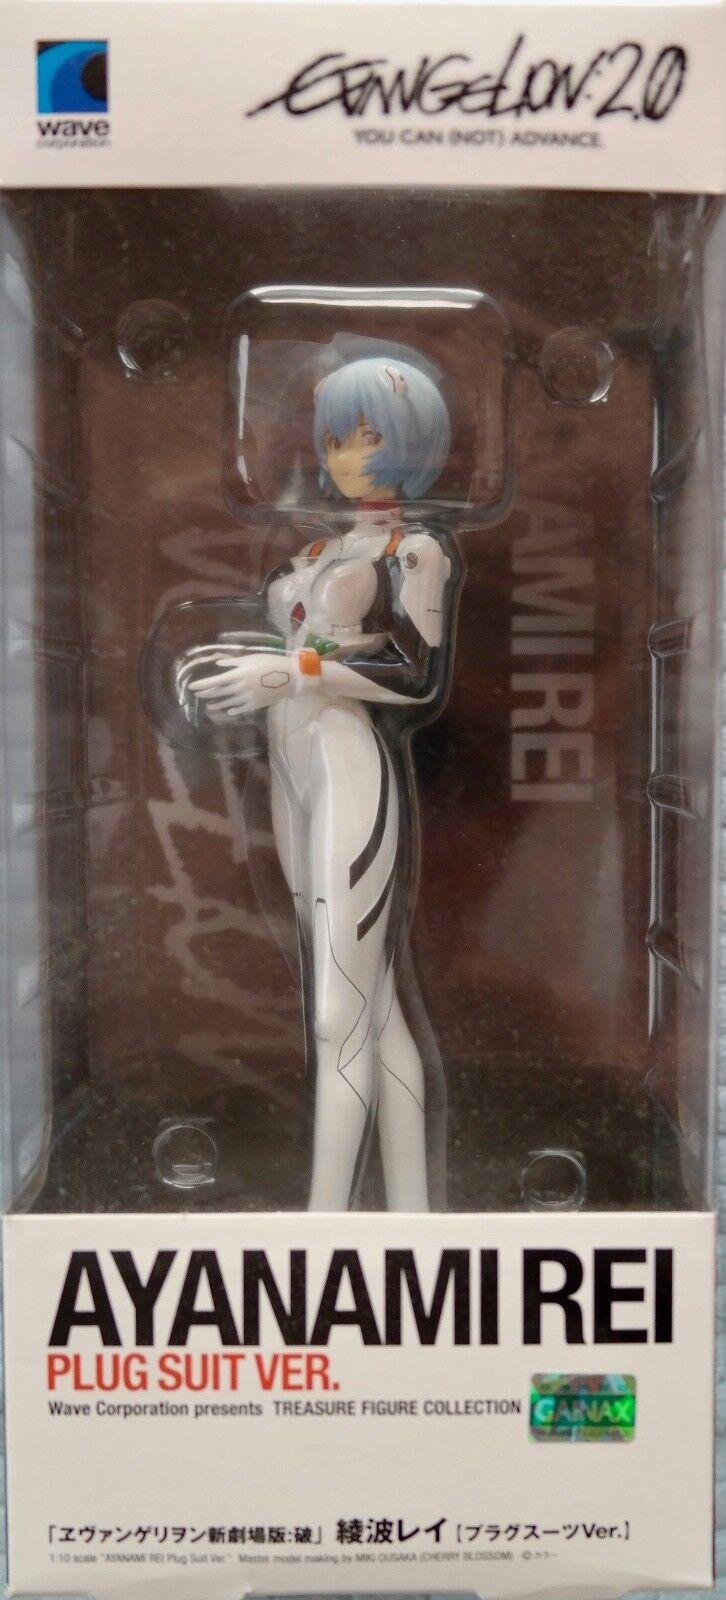 Rei Ayanami Plug Suit Ver. (Evangelion 2.0)   Wave Corp   Mint   Factory Sealed